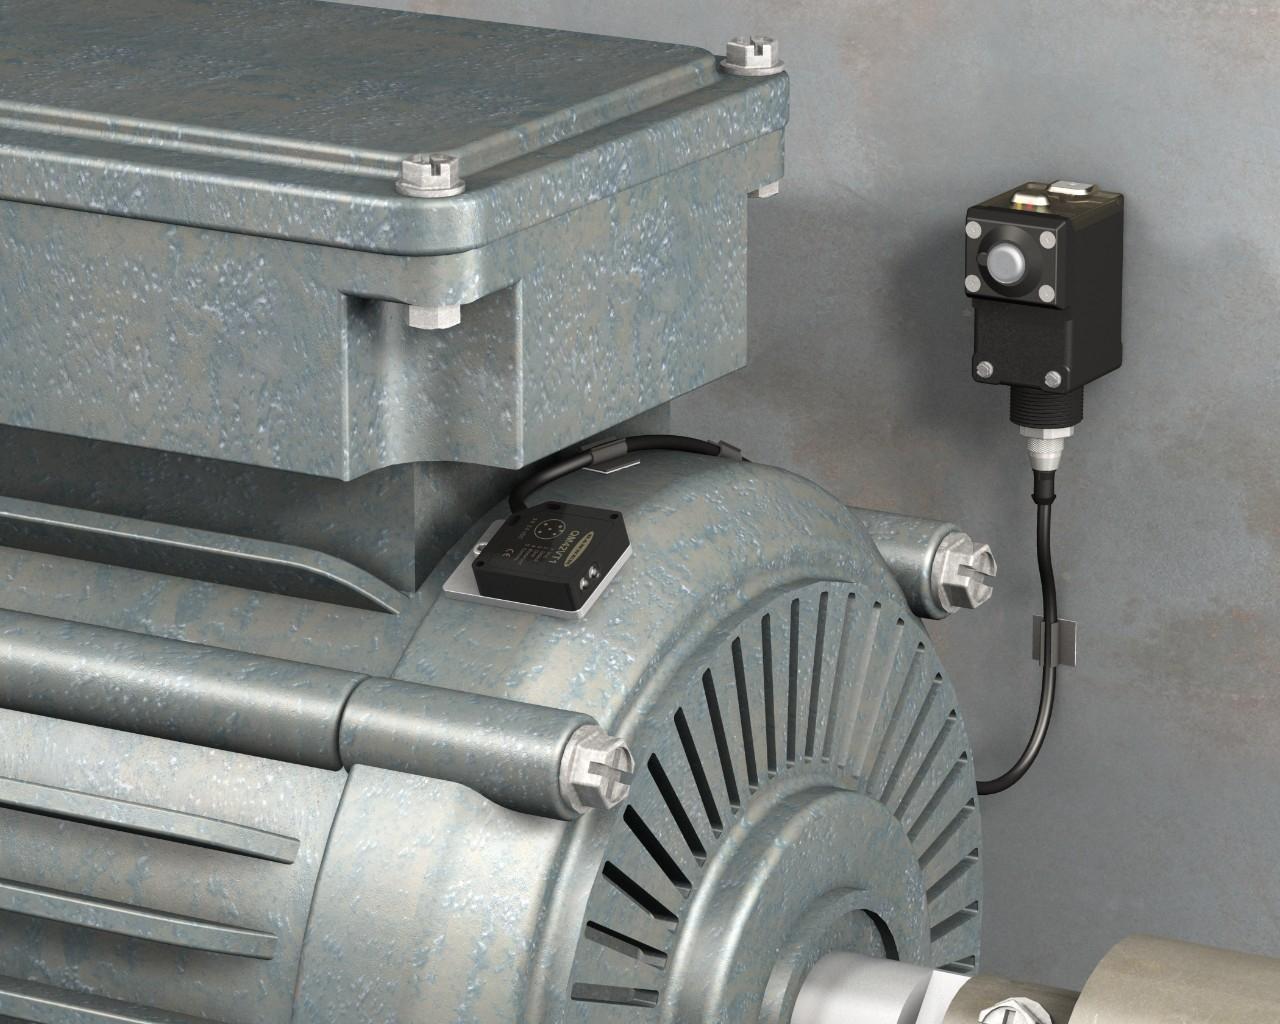 Monitoraggio wireless delle vibrazioni e soluzioni di manutenzione predittiva